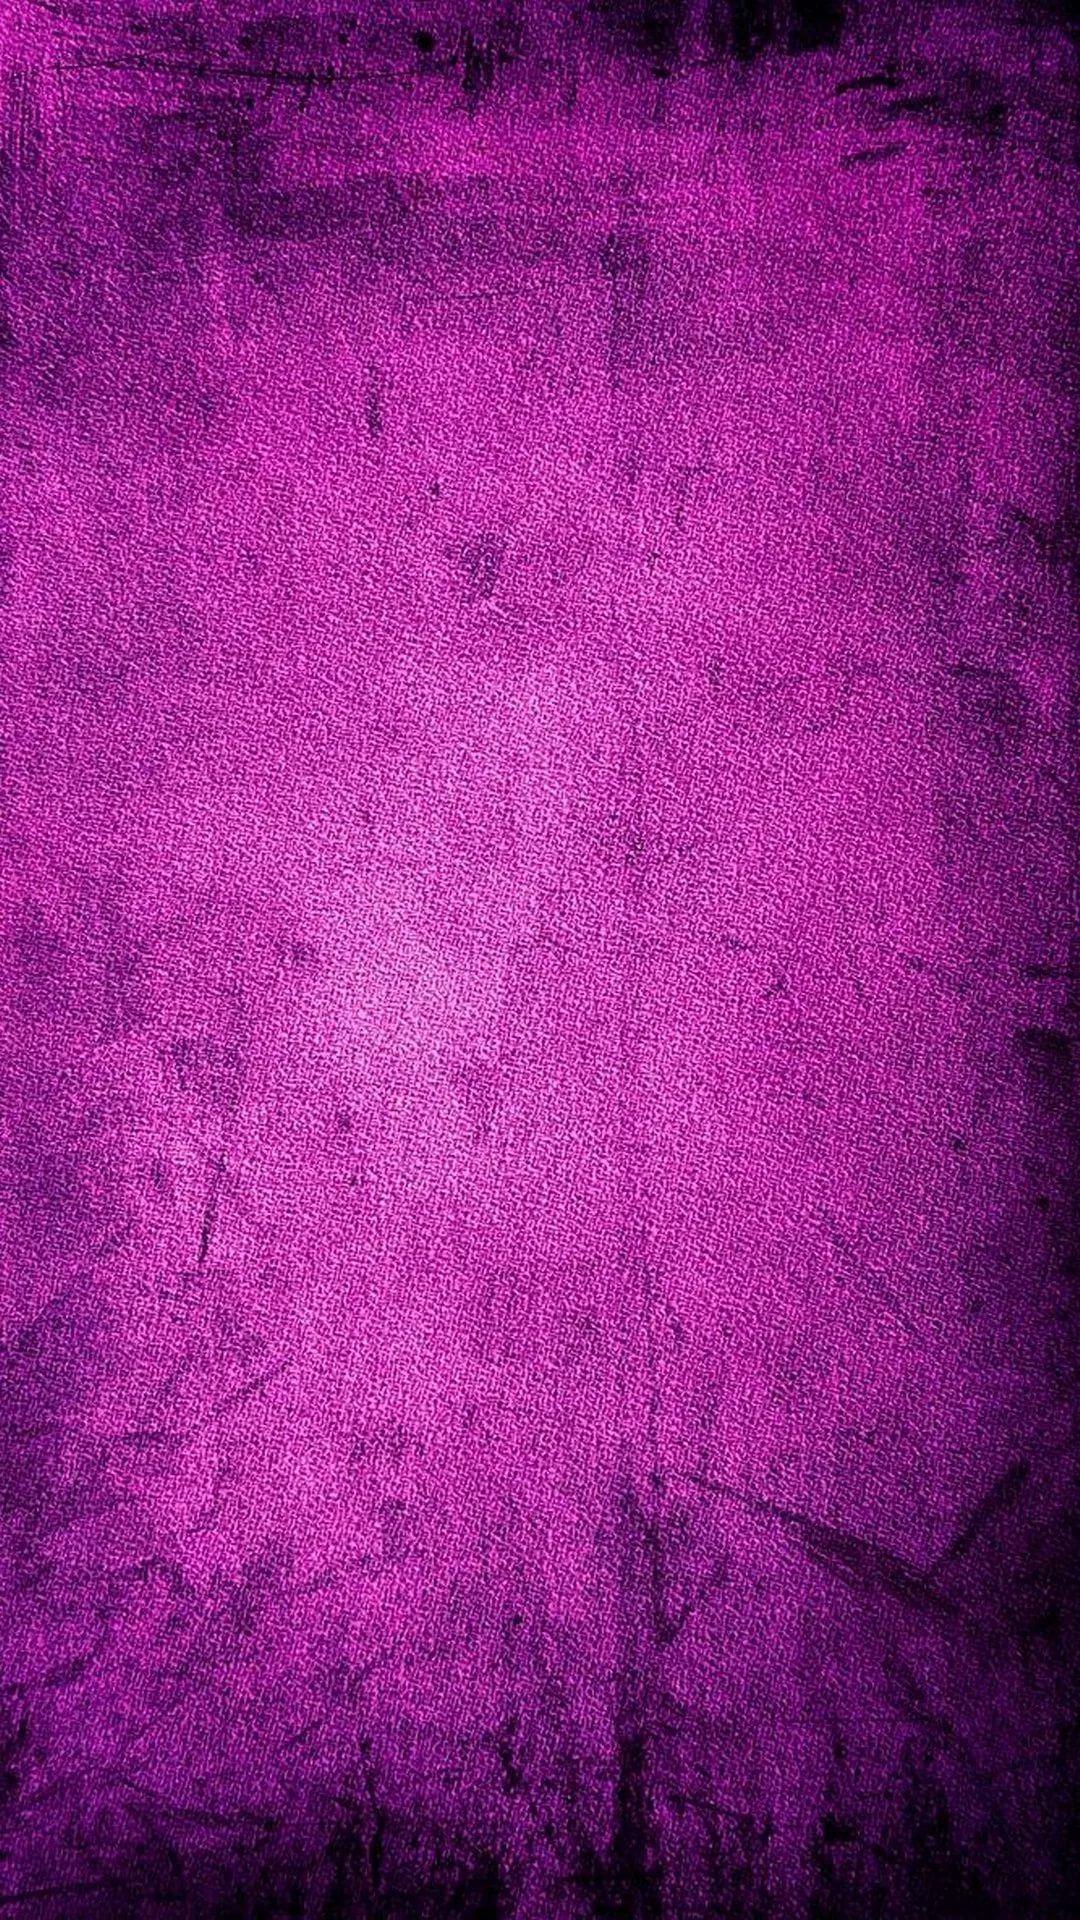 Purple hd wallpaper